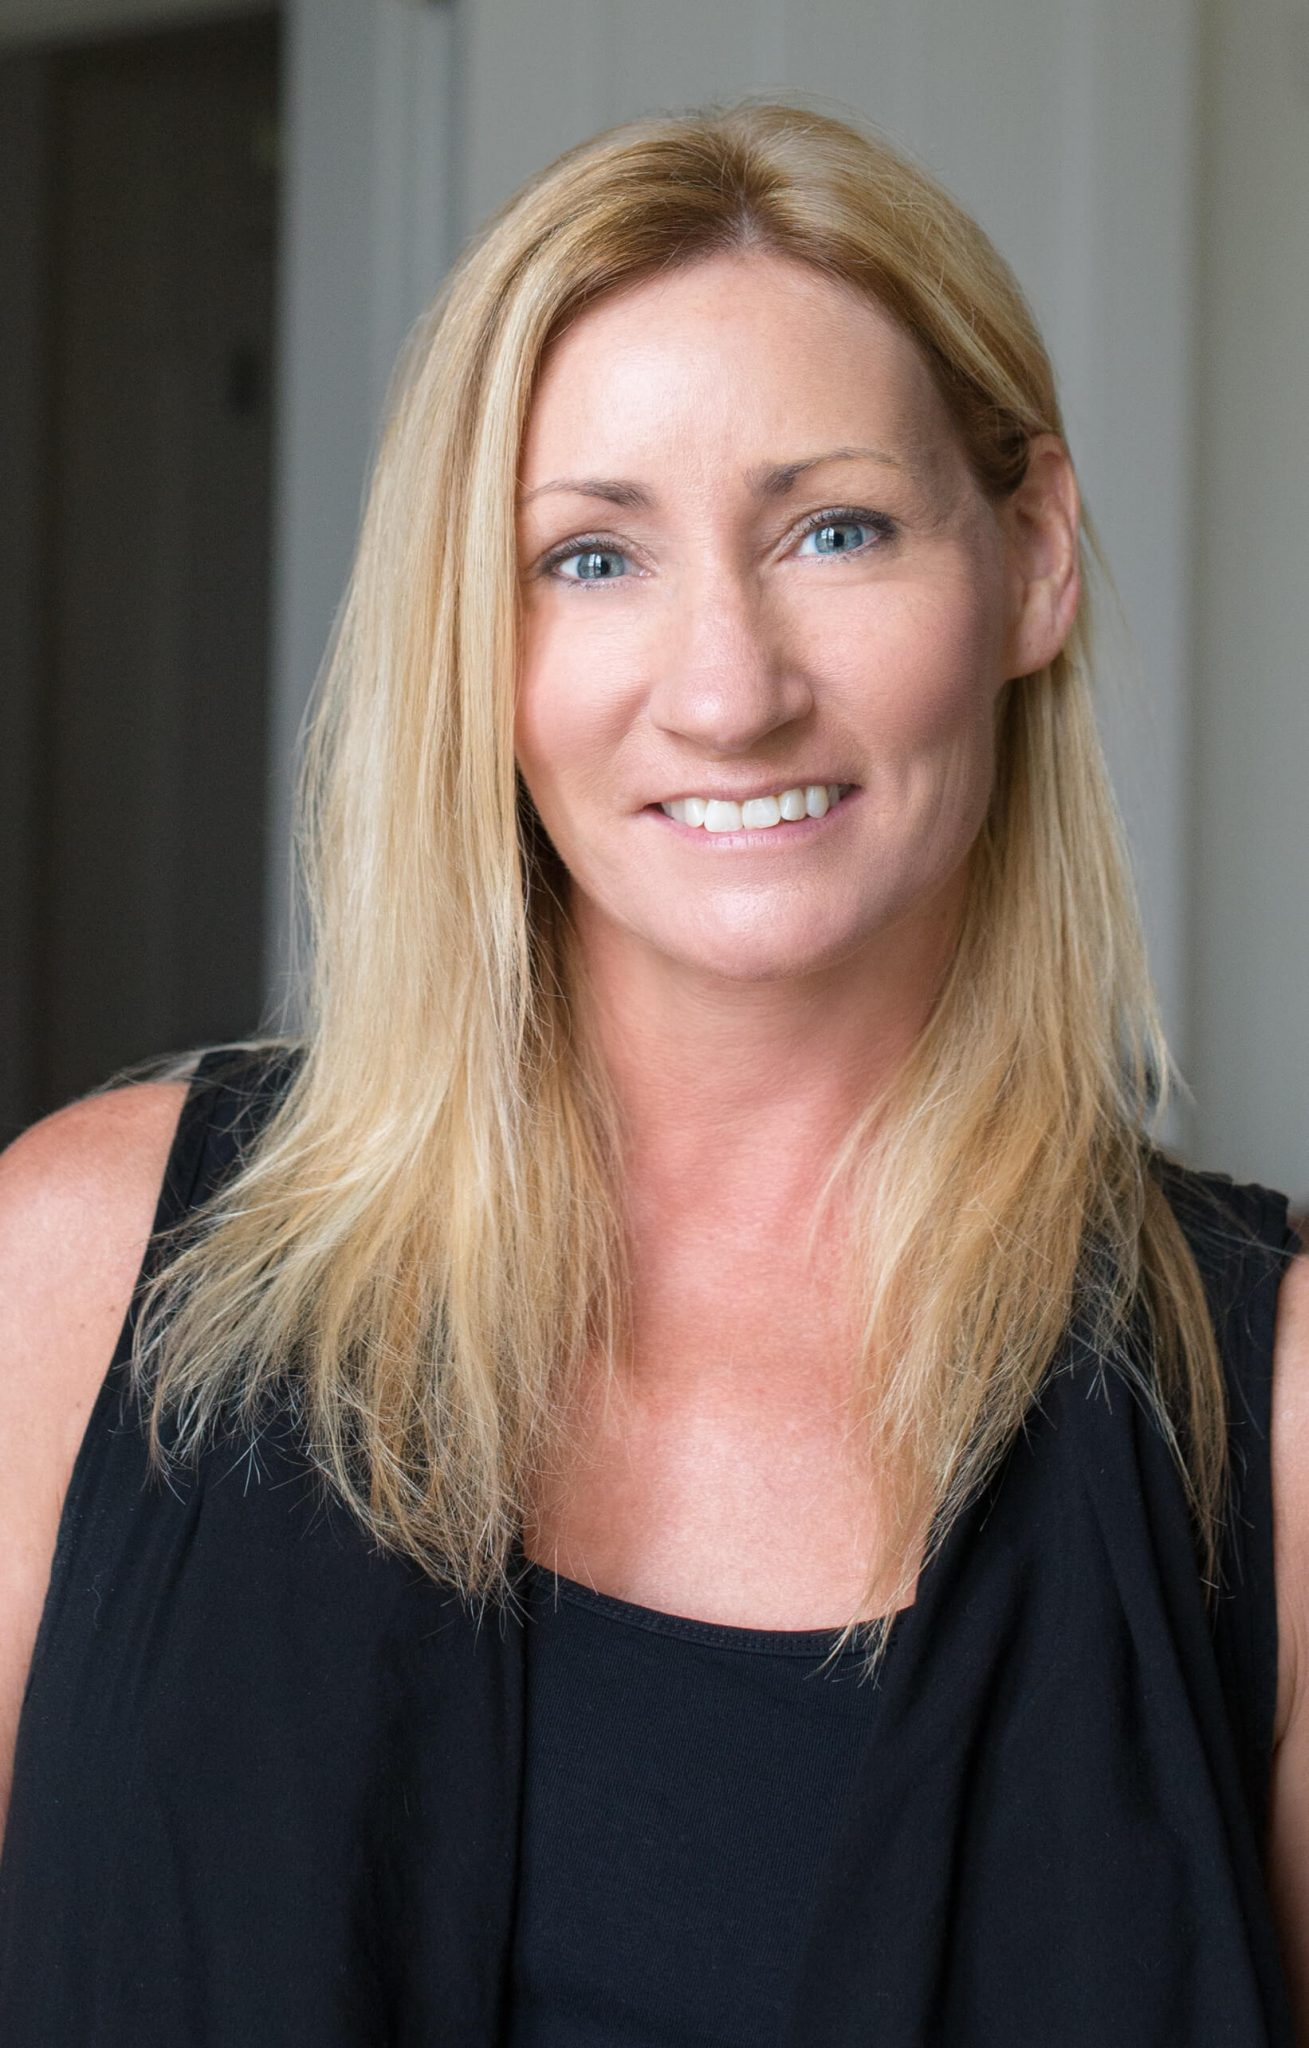 Amy Badertscher